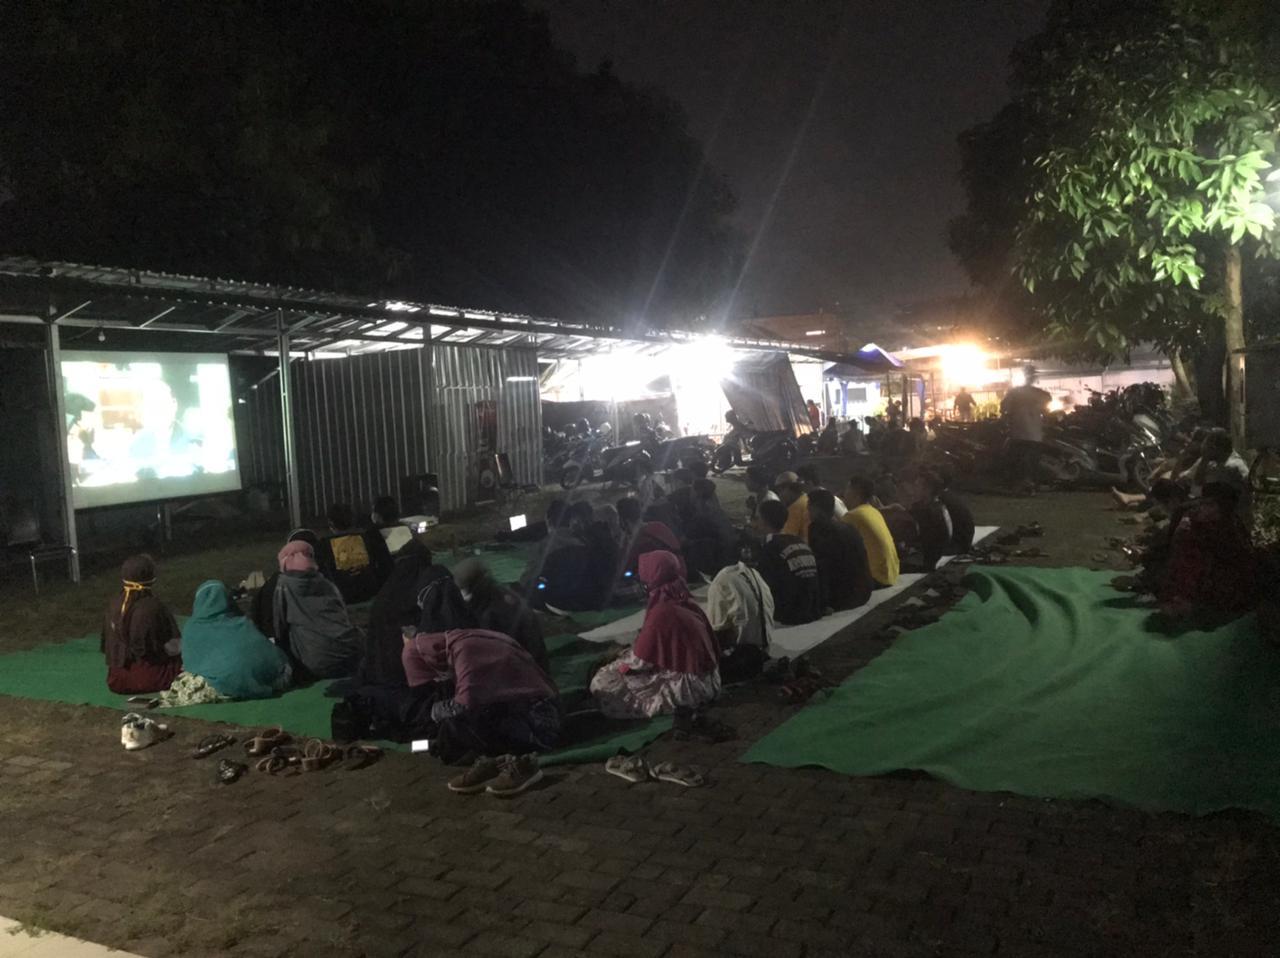 SUASANA NOBAR FILM KPK ENDGAME DI PELATARAN RADAR PEKALONGAN